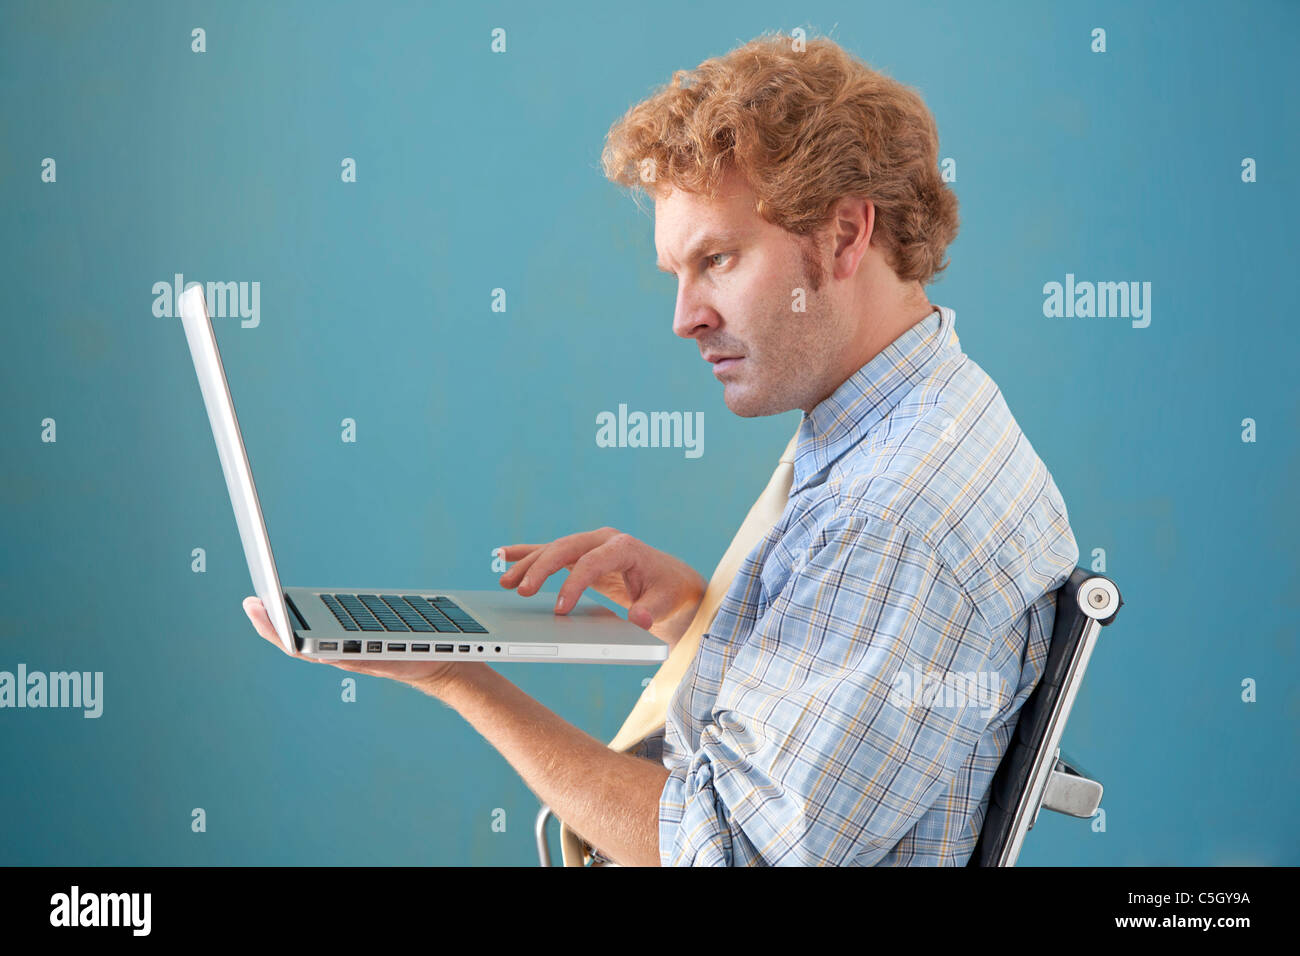 El hombre tiene portátil y tipos Imagen De Stock